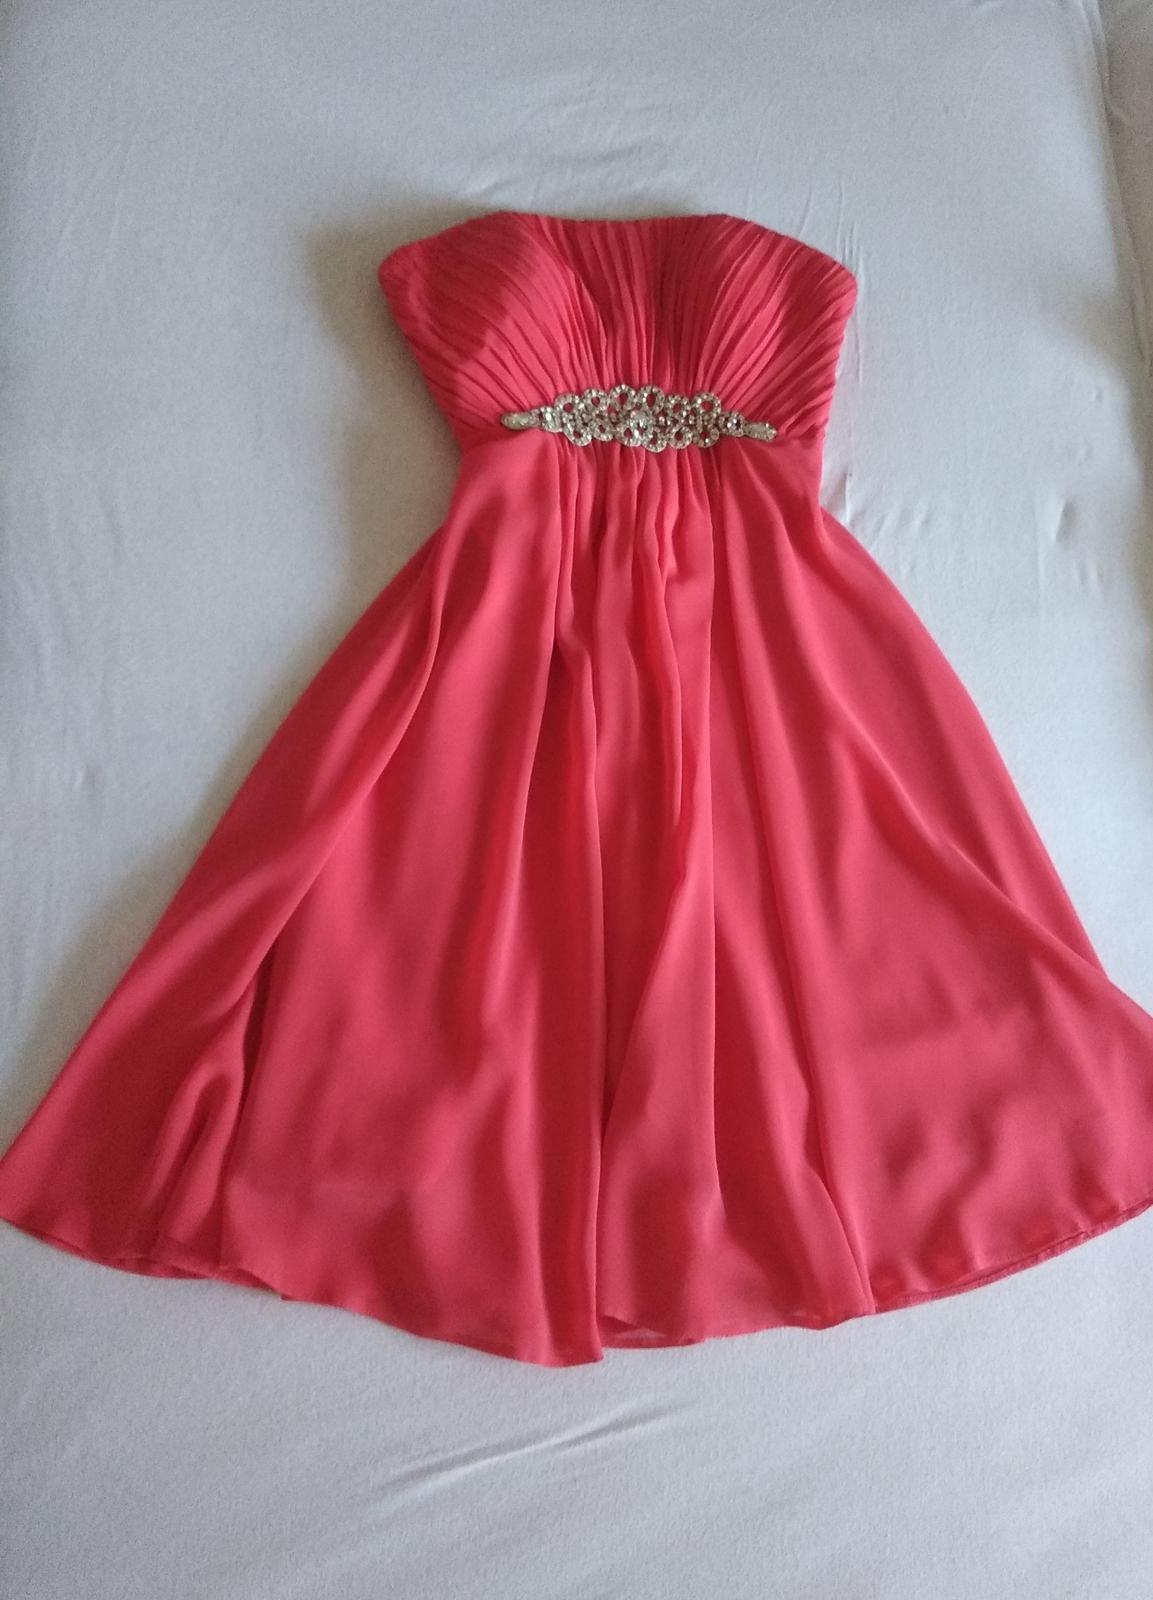 Krátke spoločenské šaty v korálovej farbe - Obrázek č. 1